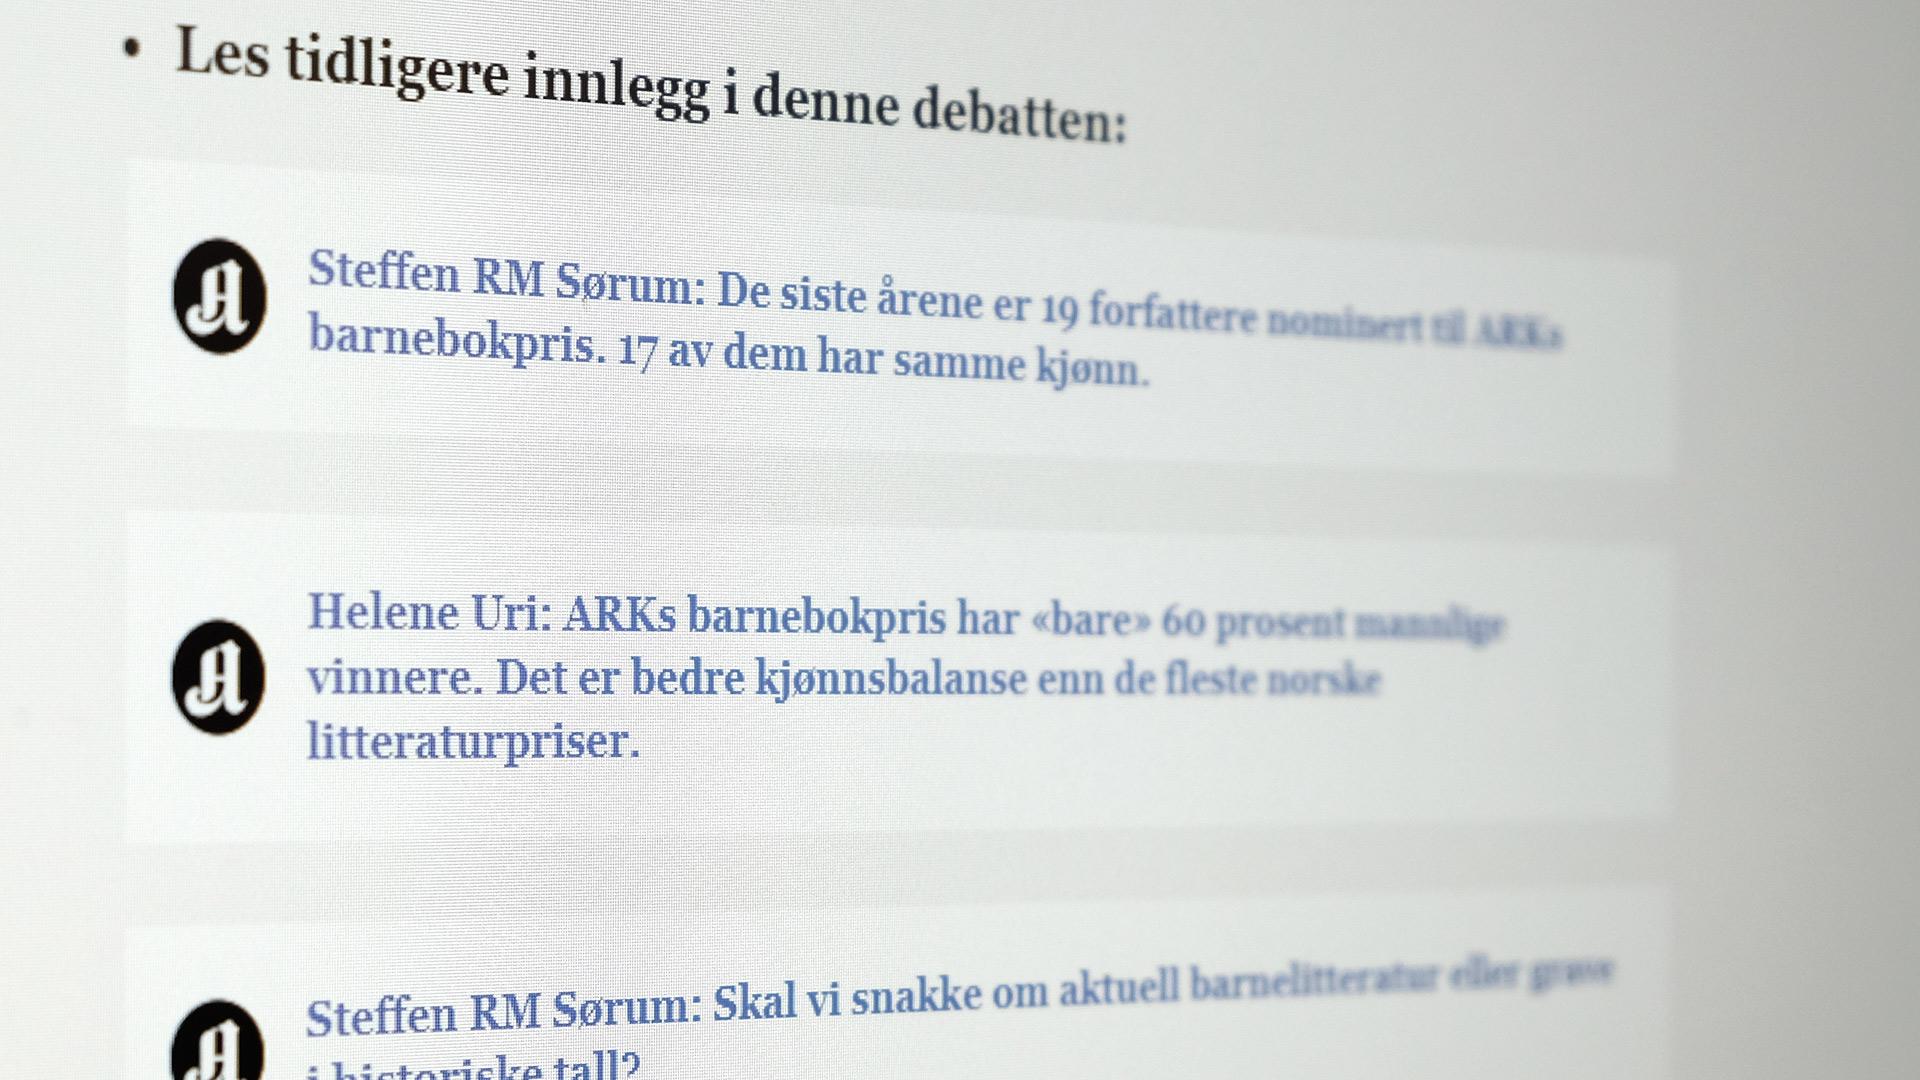 Debatten om kjønn i nominasjonene til ARKs barnebokpris